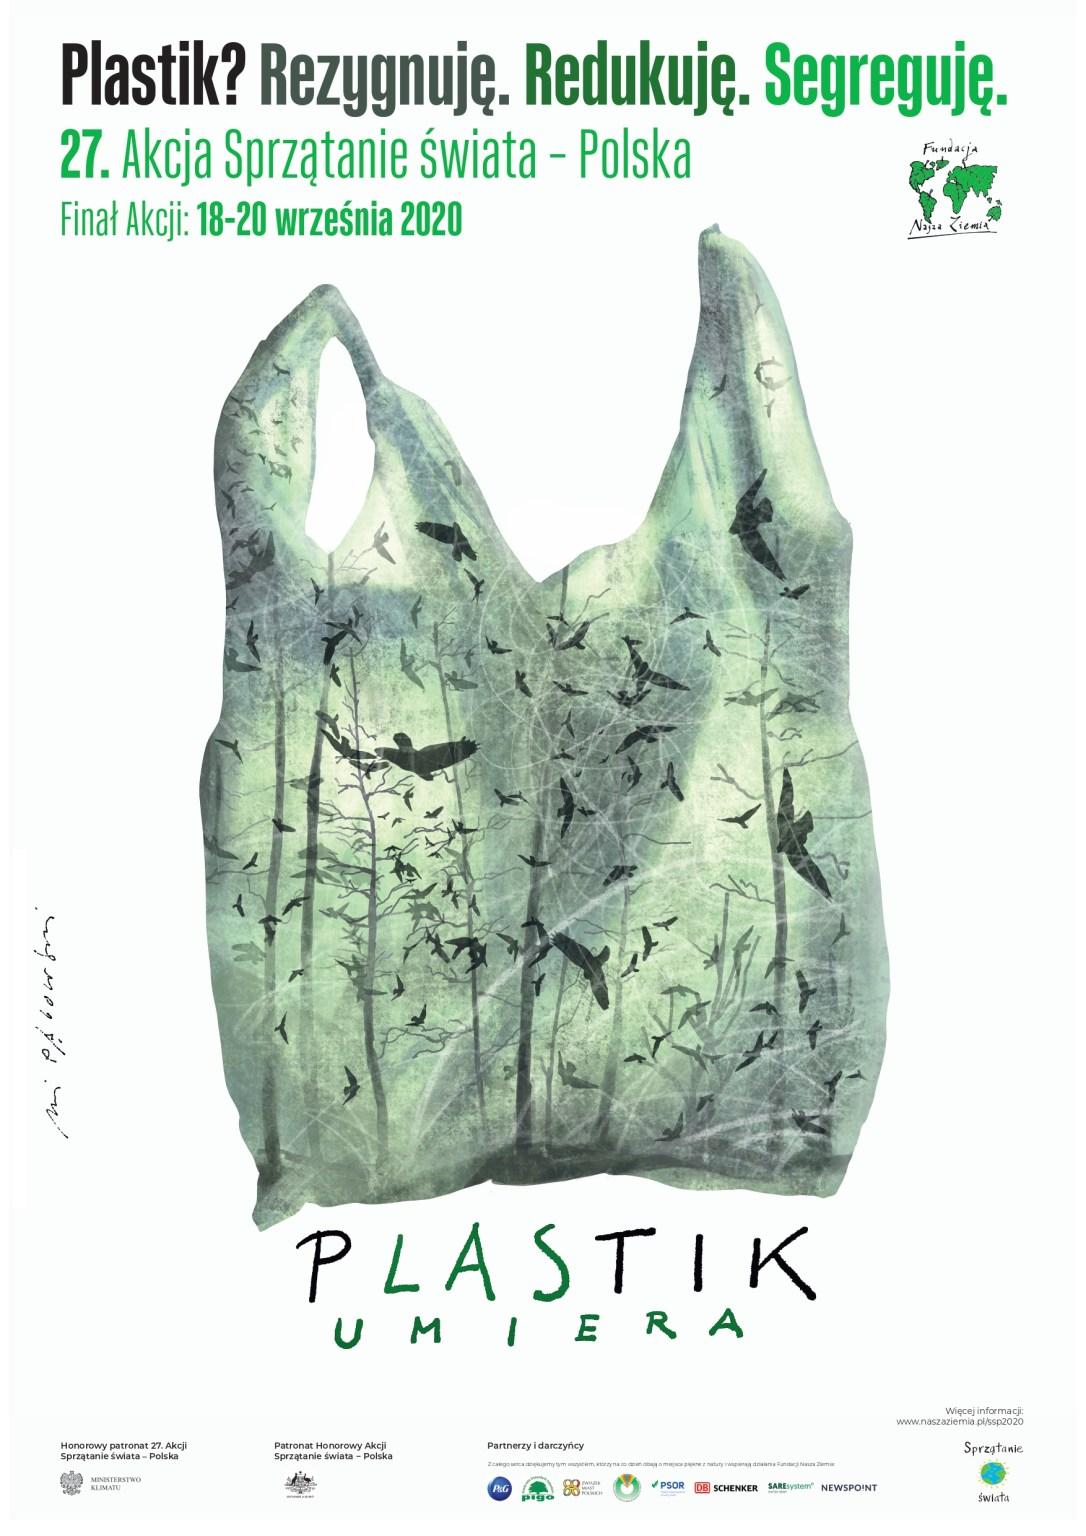 Akcja Sprzątanie Świata – Polska 2020 - Zdjęcie główne